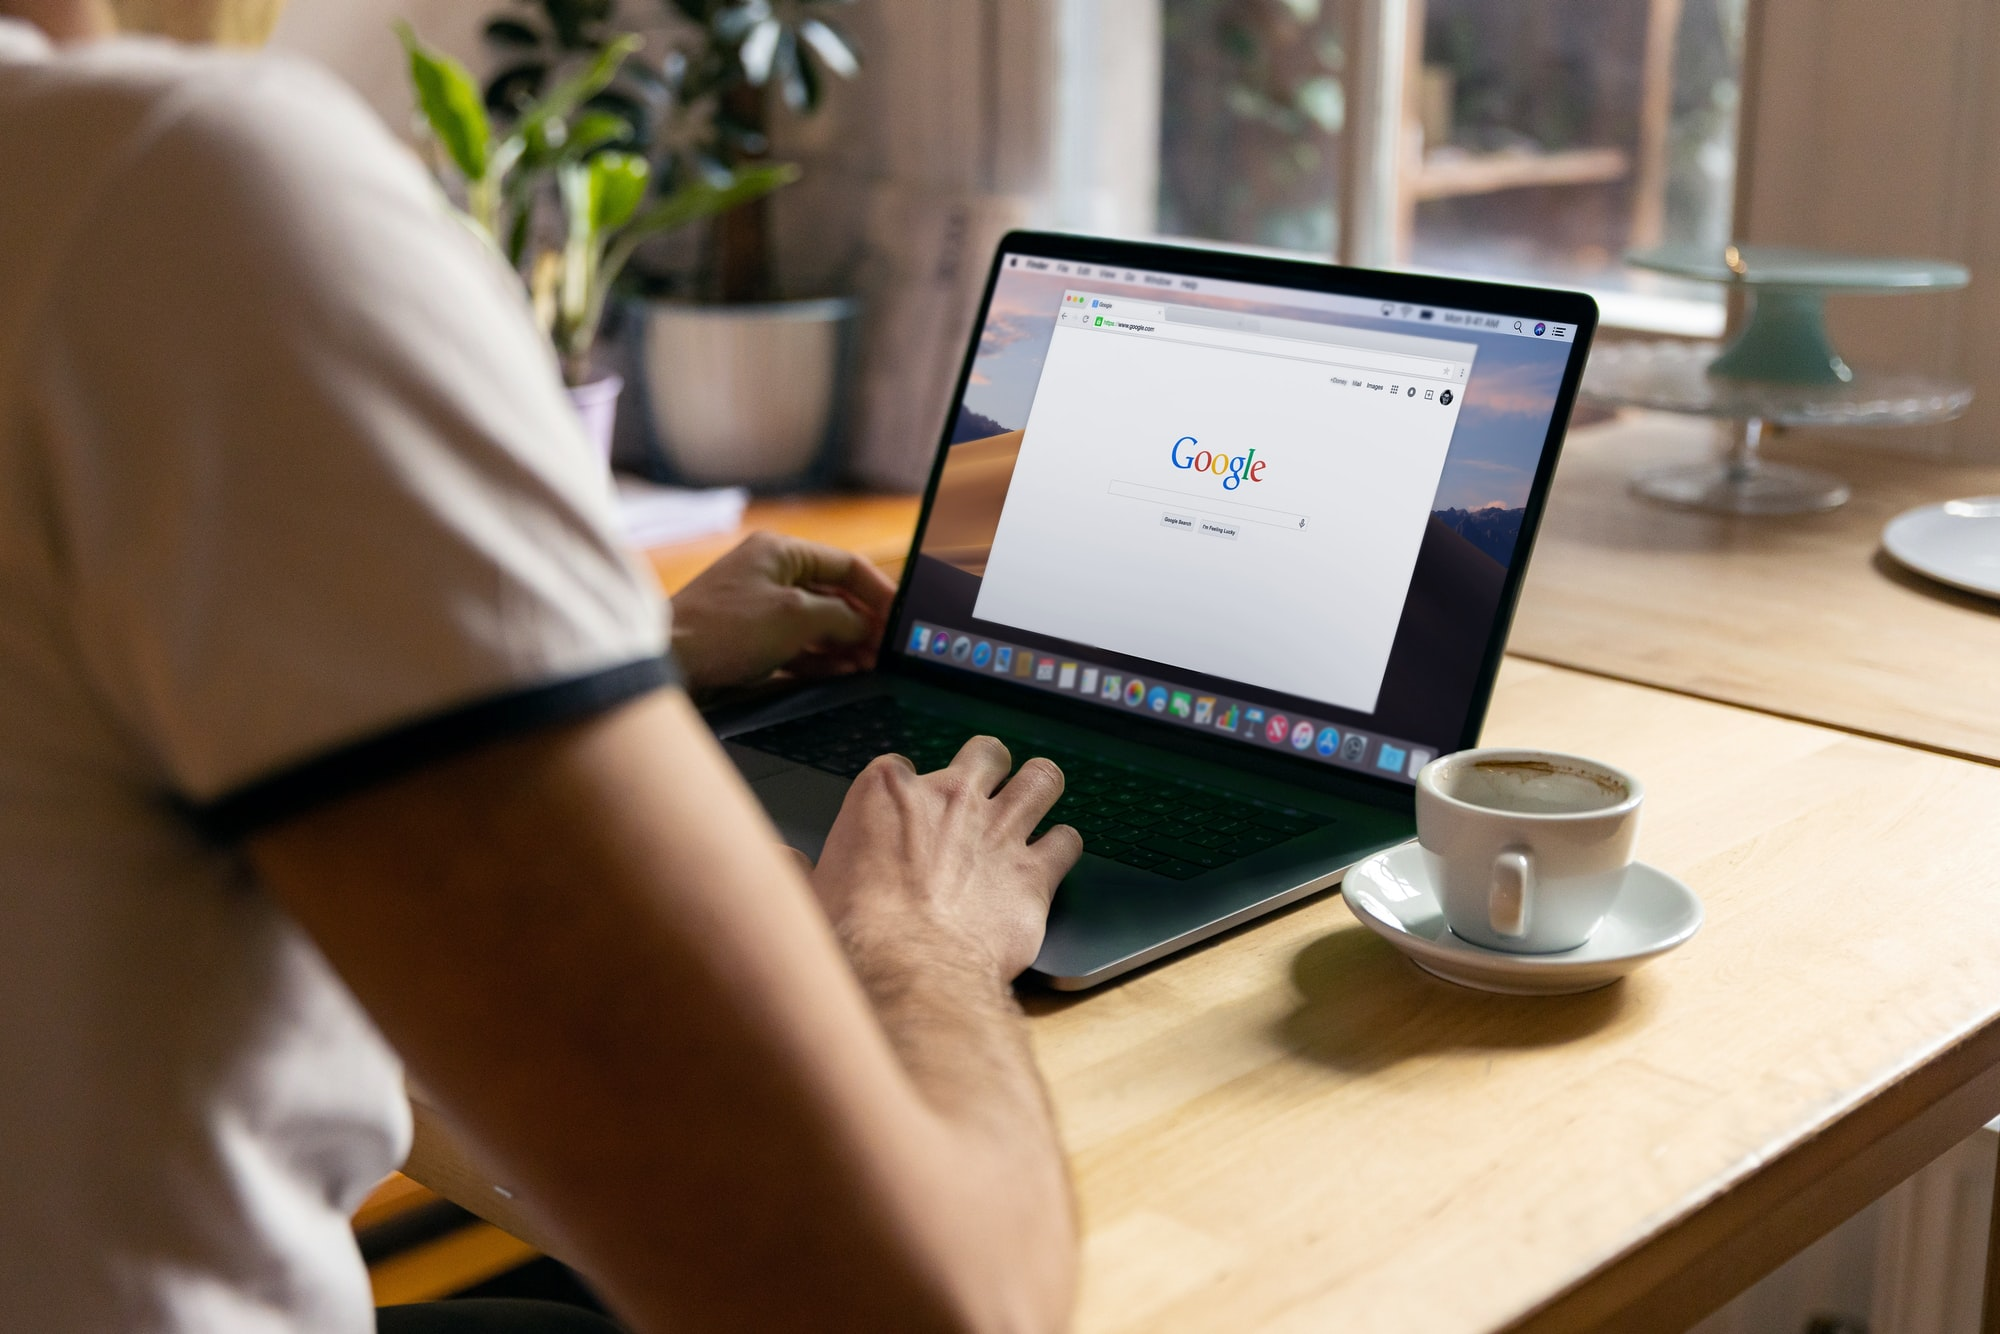 Хакеры начали использовать Google Документы для кражи личных данных